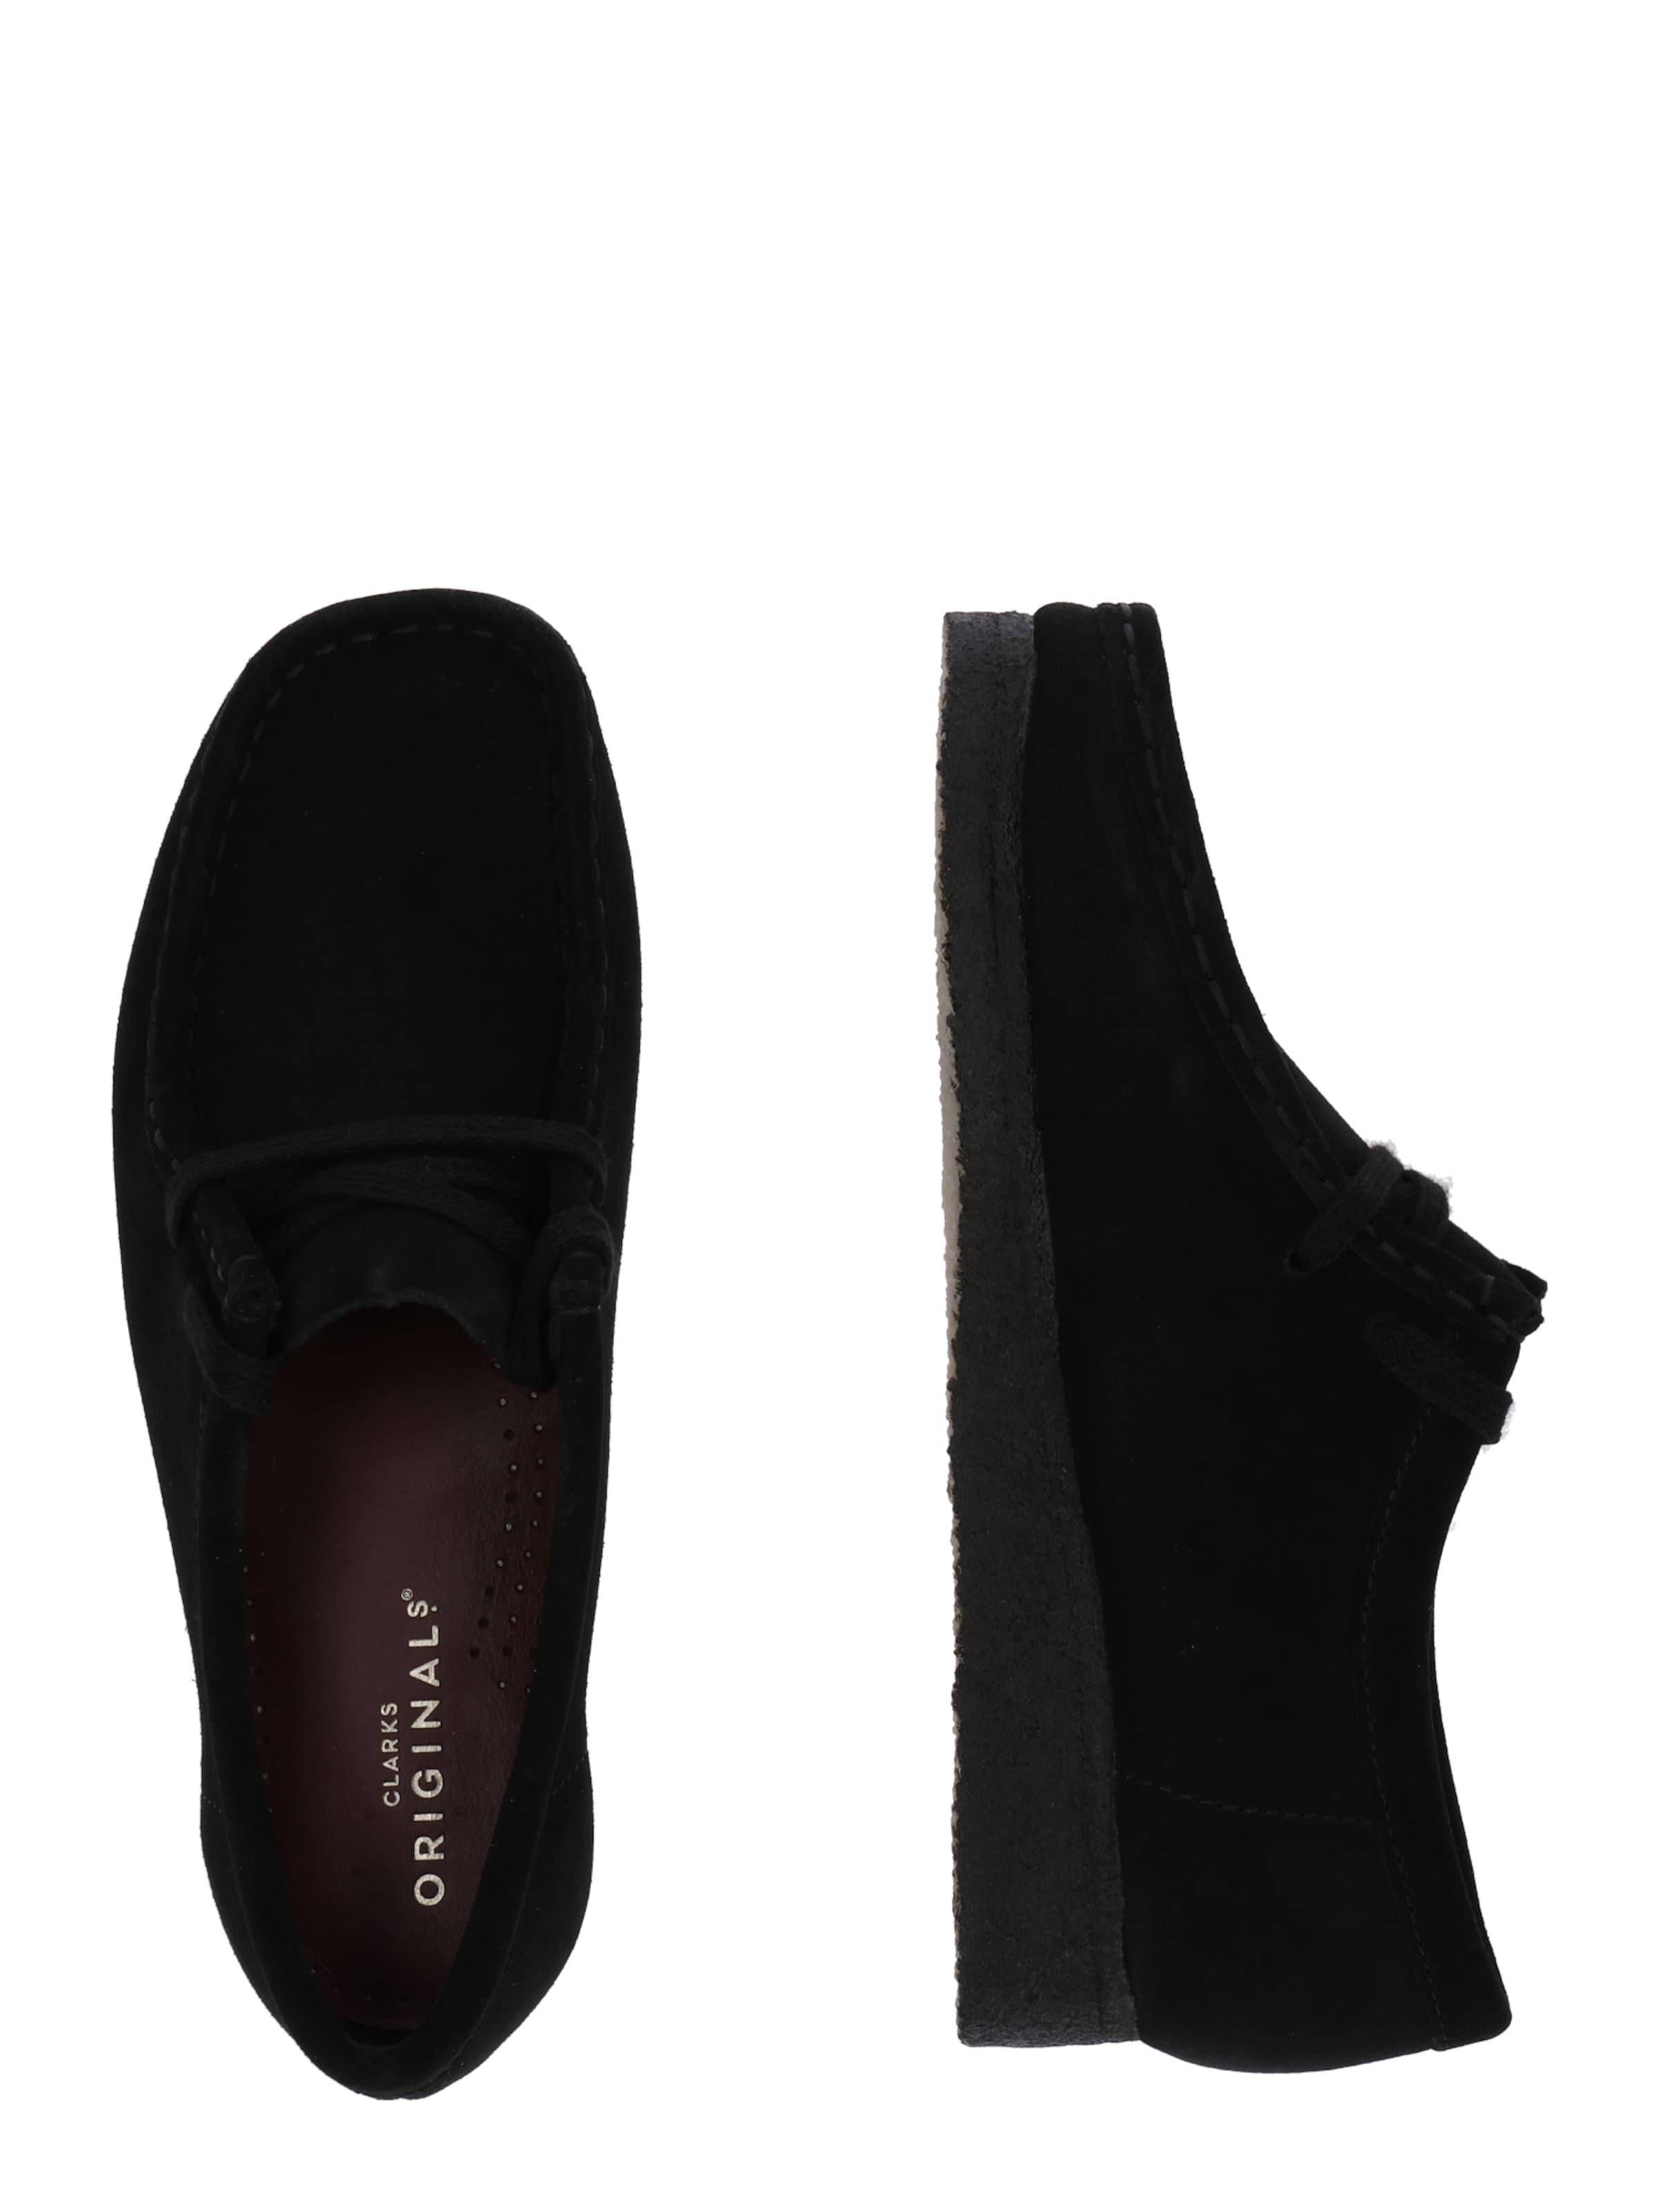 'wallabee' Lacets Clarks Originals Chaussure En Noir À 13lFu5TKJc